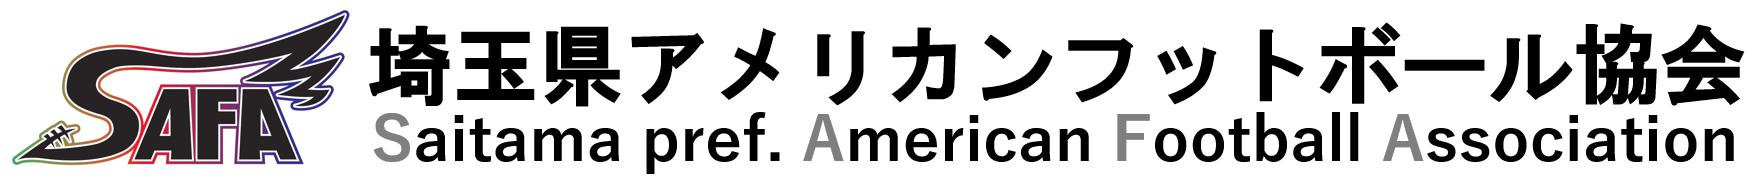 埼玉県アメリカンフットボール協会